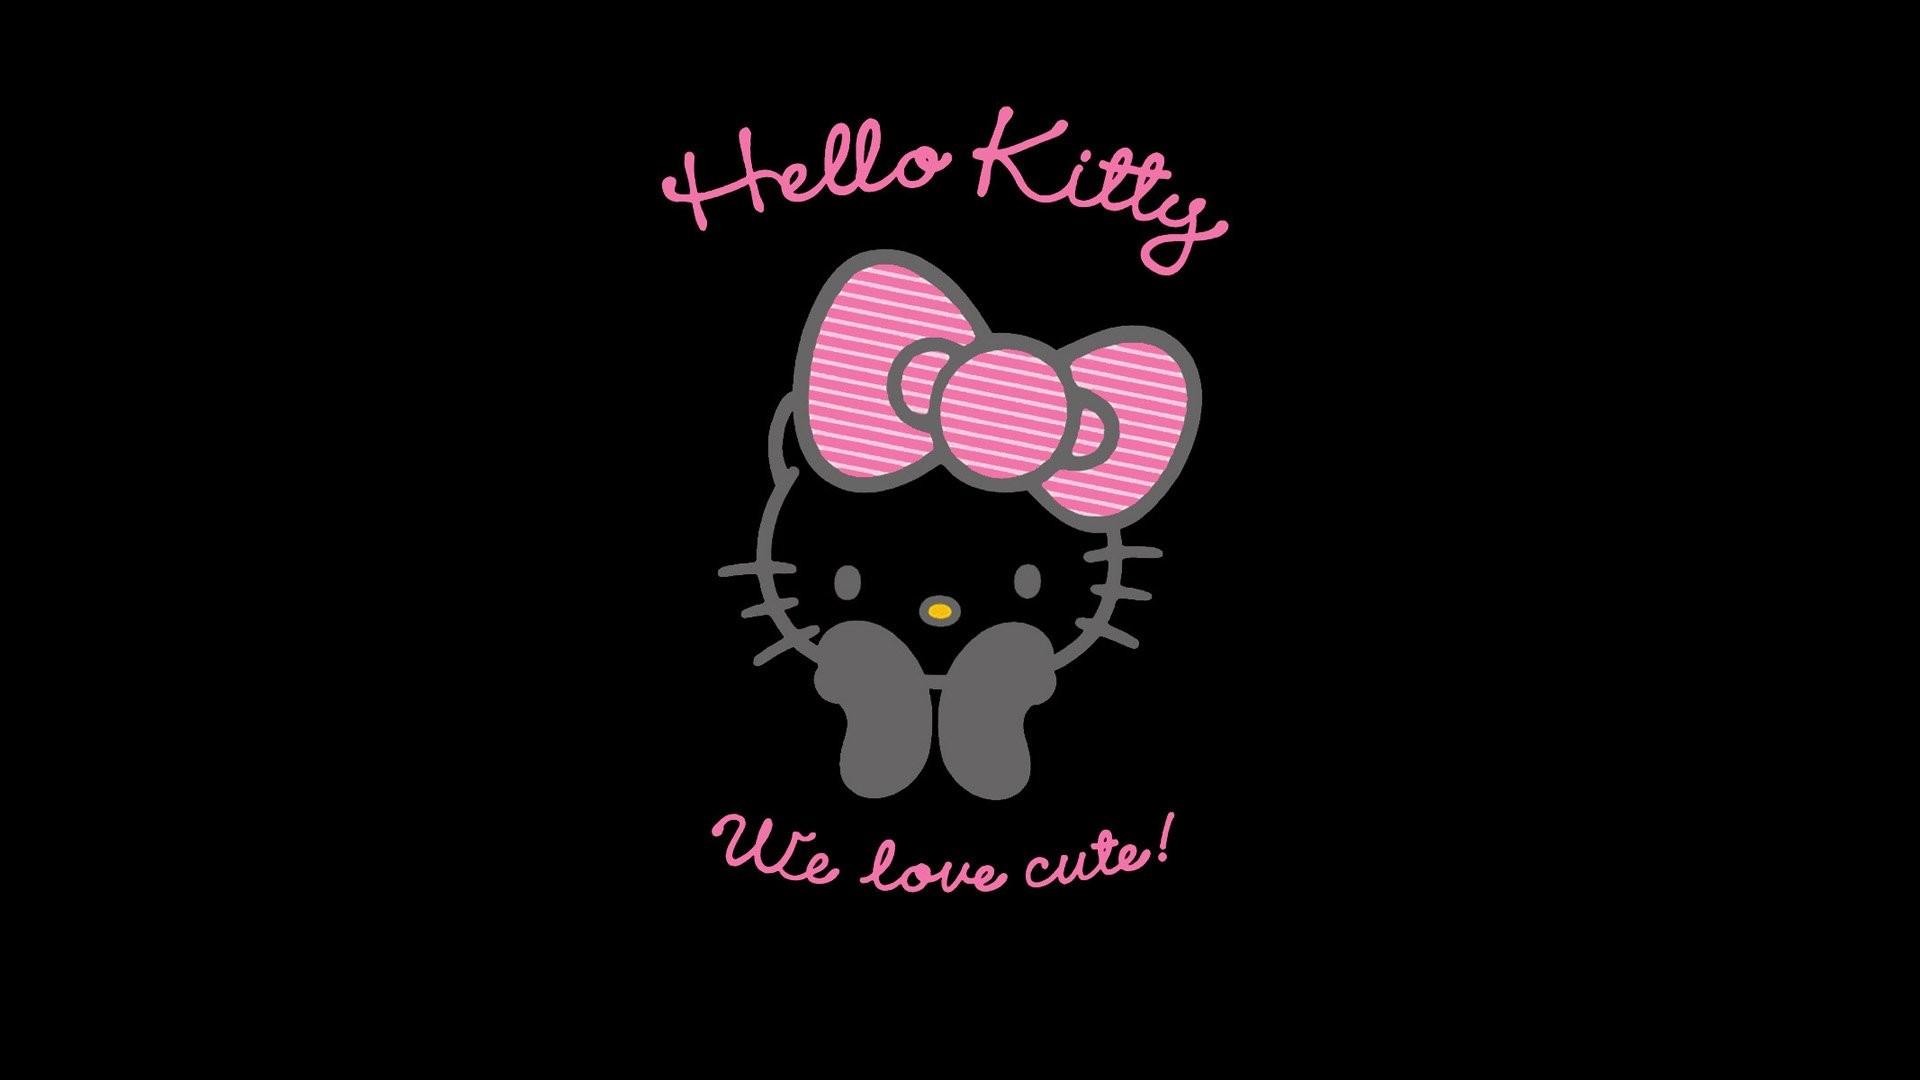 Cute Kitties Hd Wallpapers Cute Black Wallpapers 52 Images